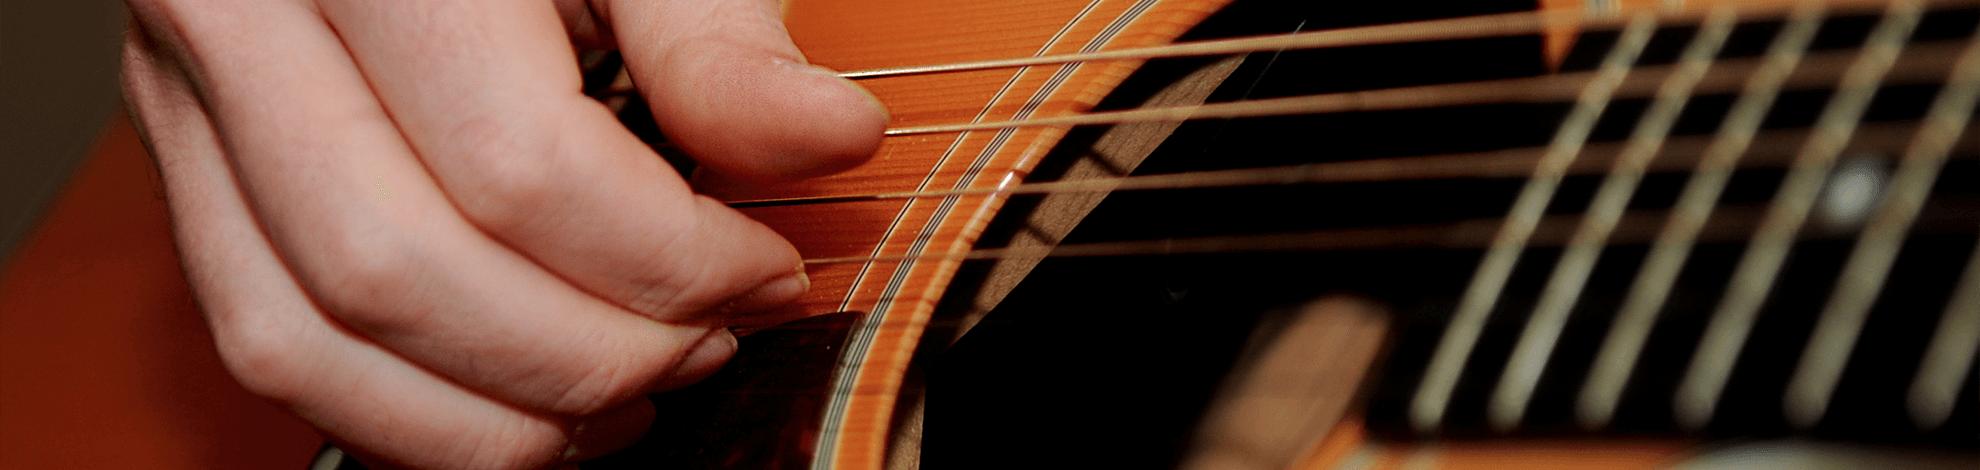 musicpassion (1)